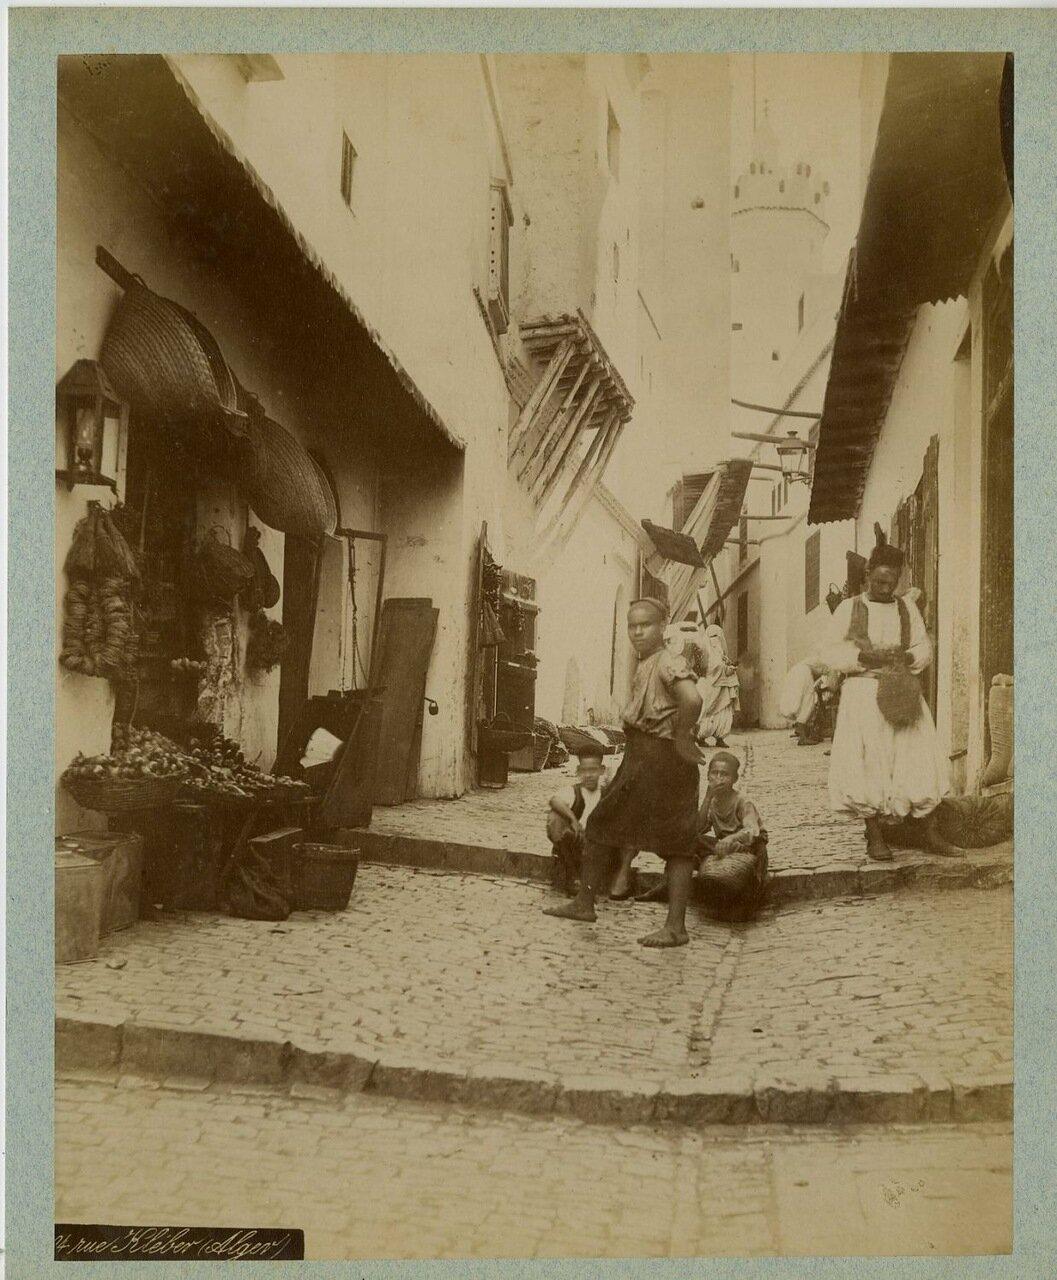 1875. Сцена из жизни людей в Клебере